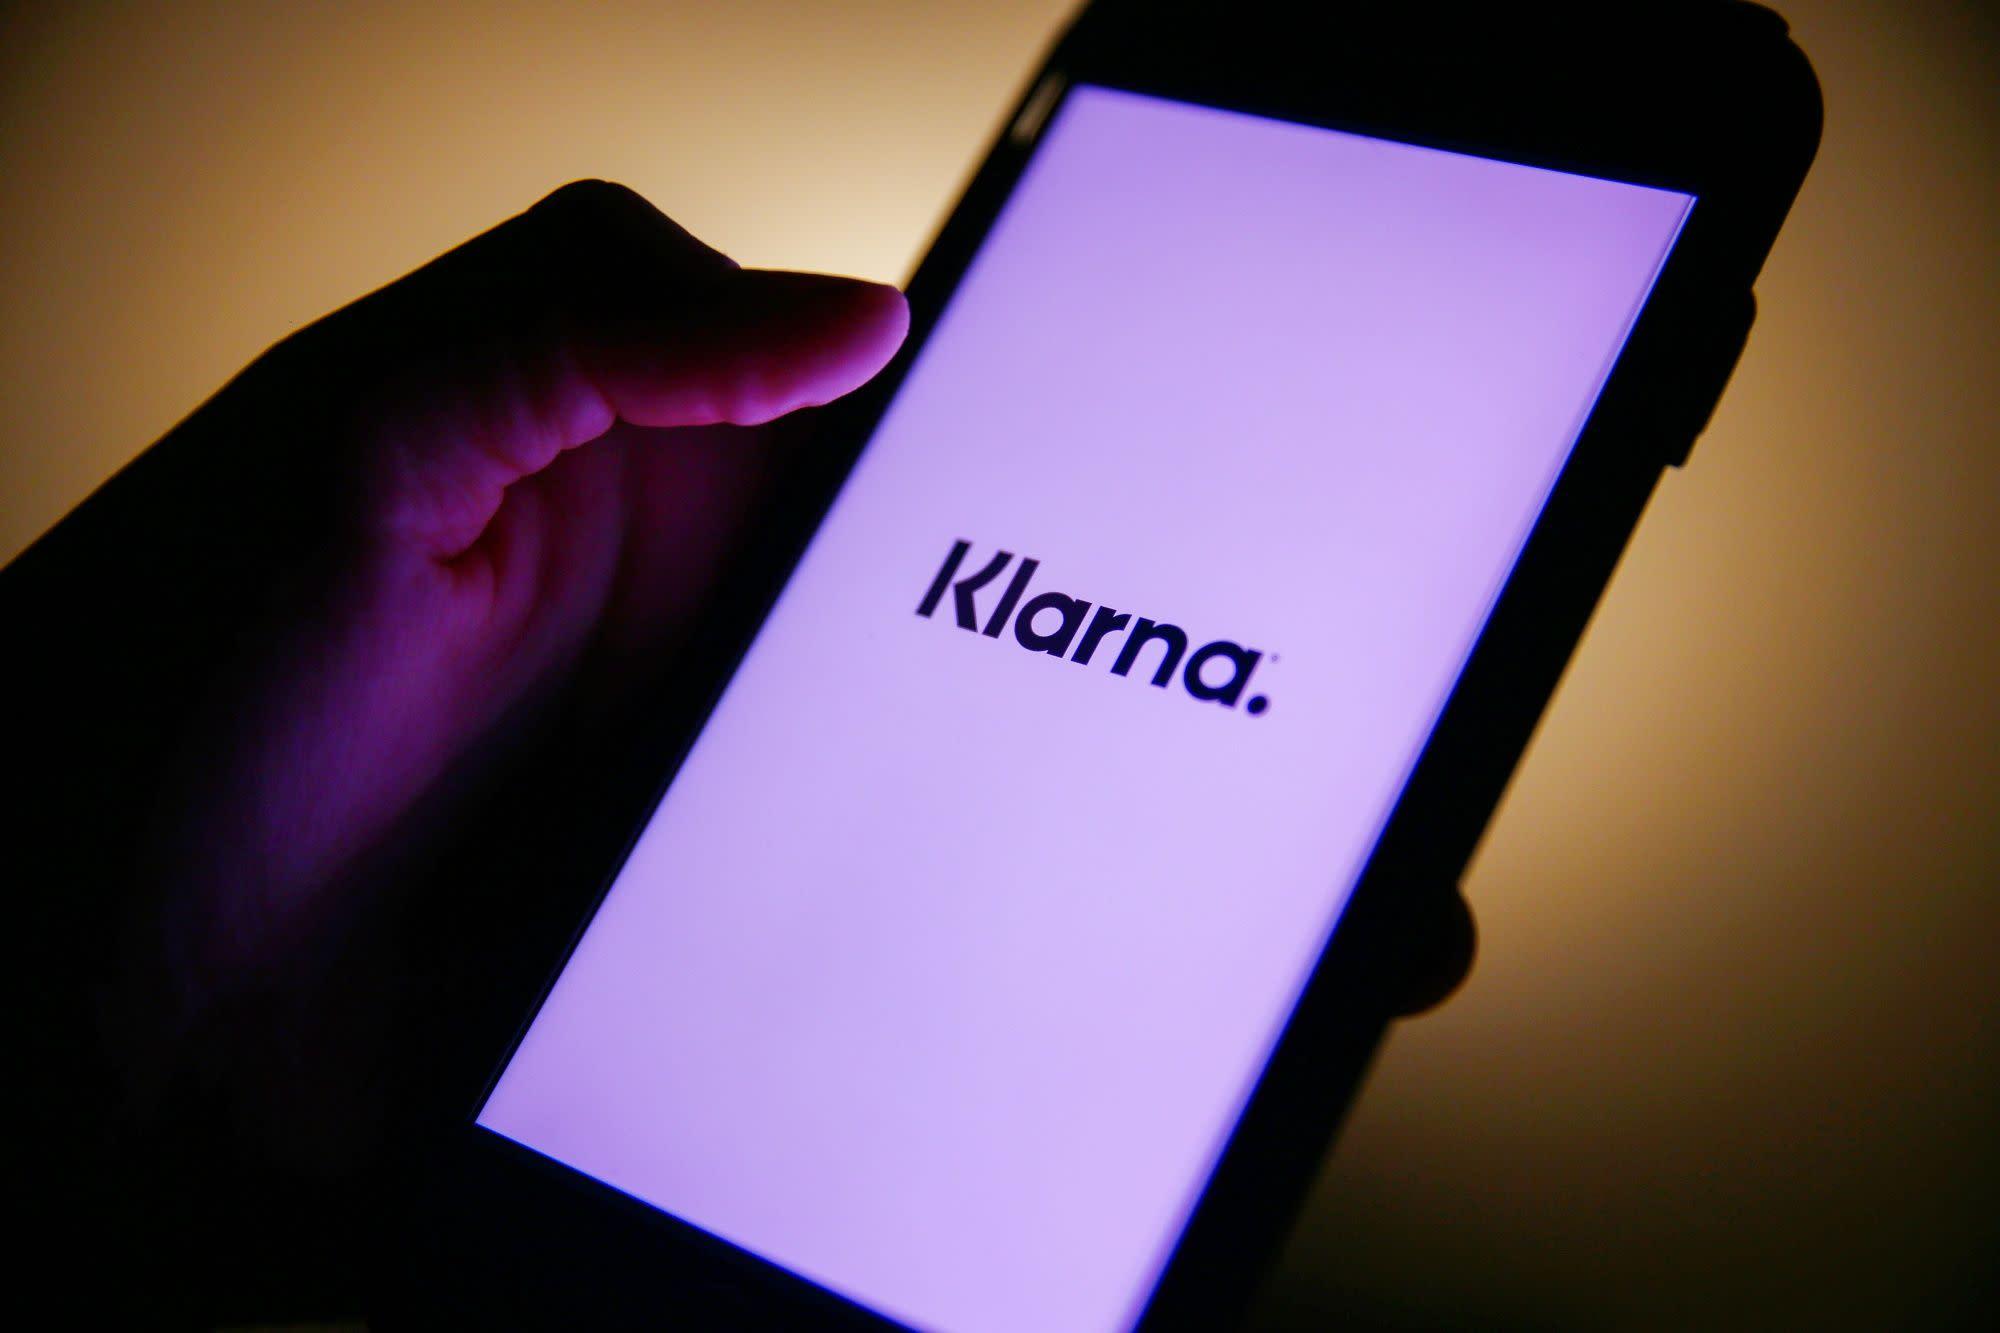 Klarna Valued at $12 Billion After U.S. Growth Stoked Investors